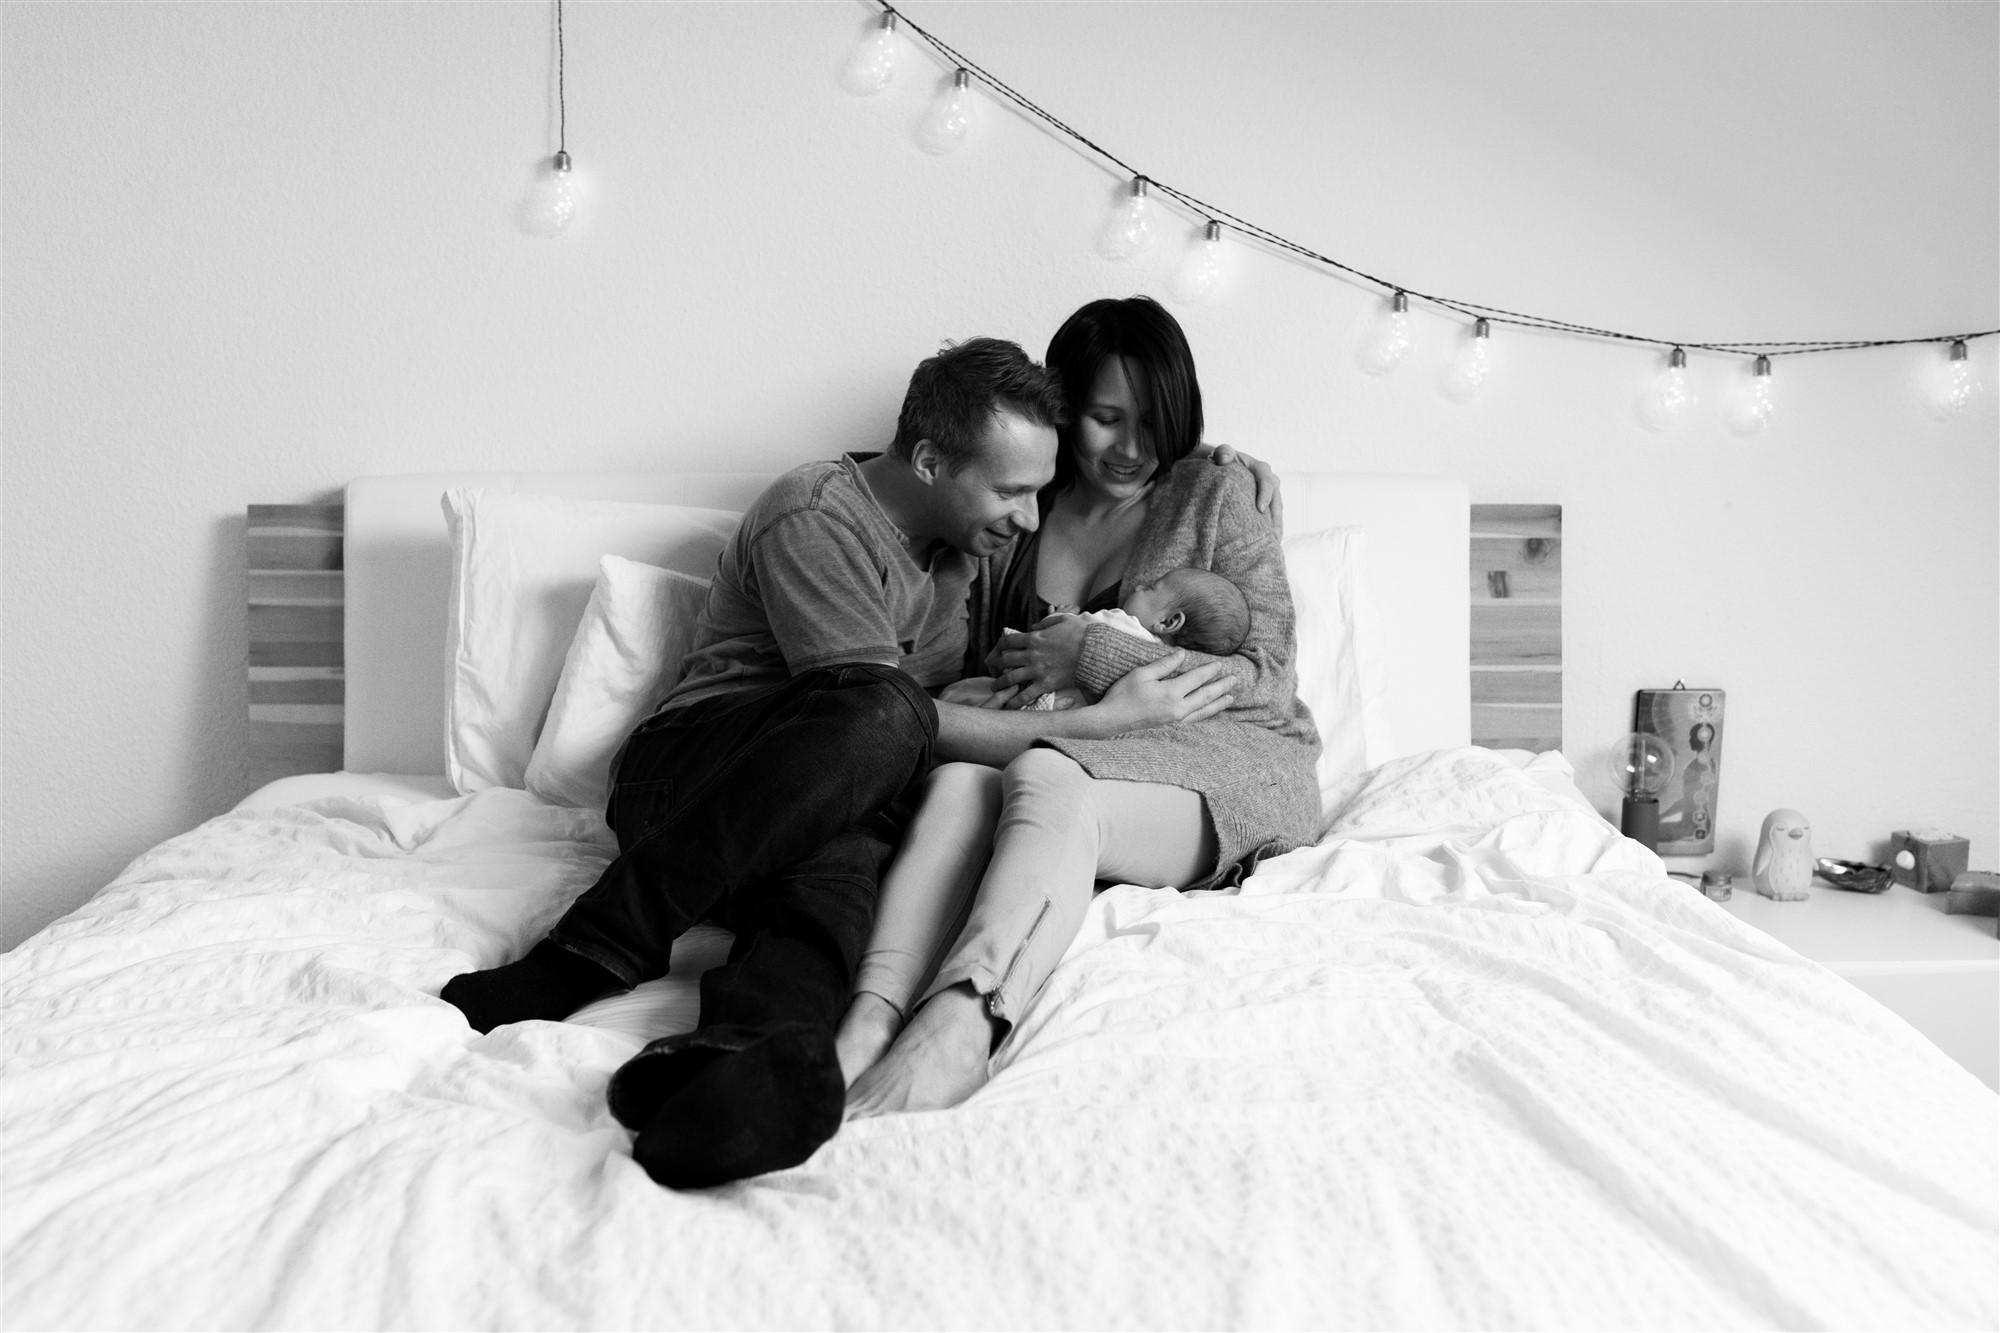 Newborn Homestory Fotoshooting - Die Eltern kuscheln mit ihrem Baby